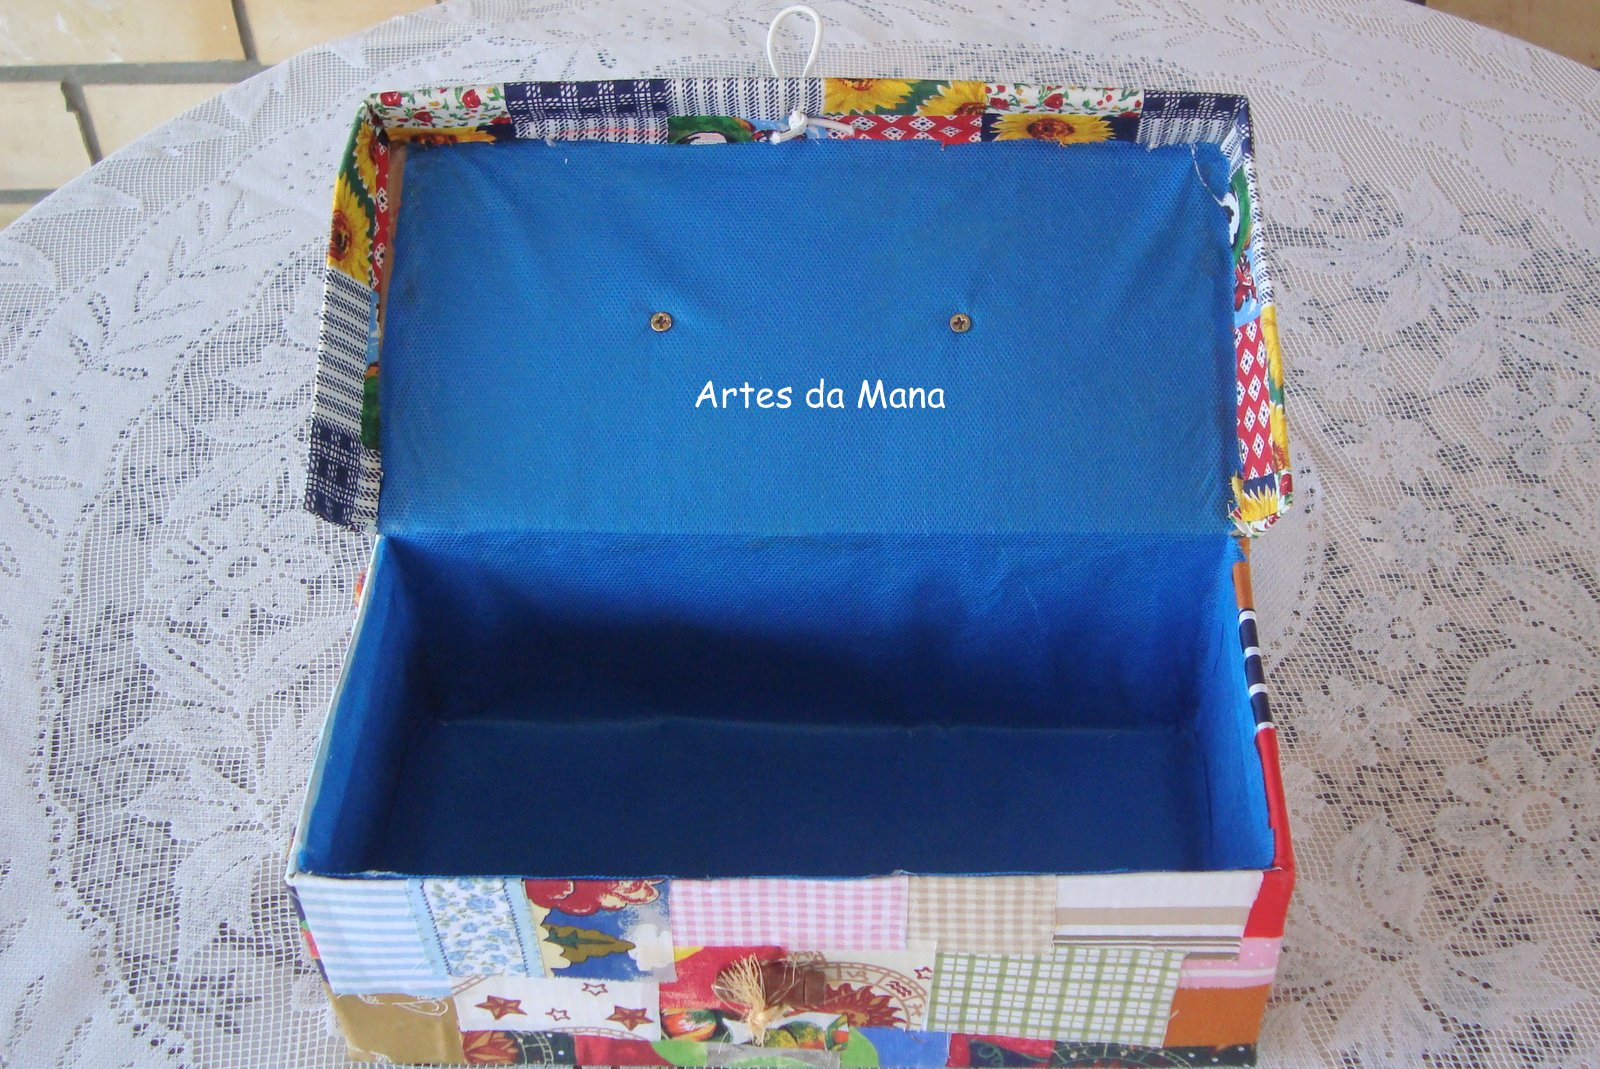 lugar e organizados em uma maleta caixa de sapato de café de leite #2065AB 1600x1069